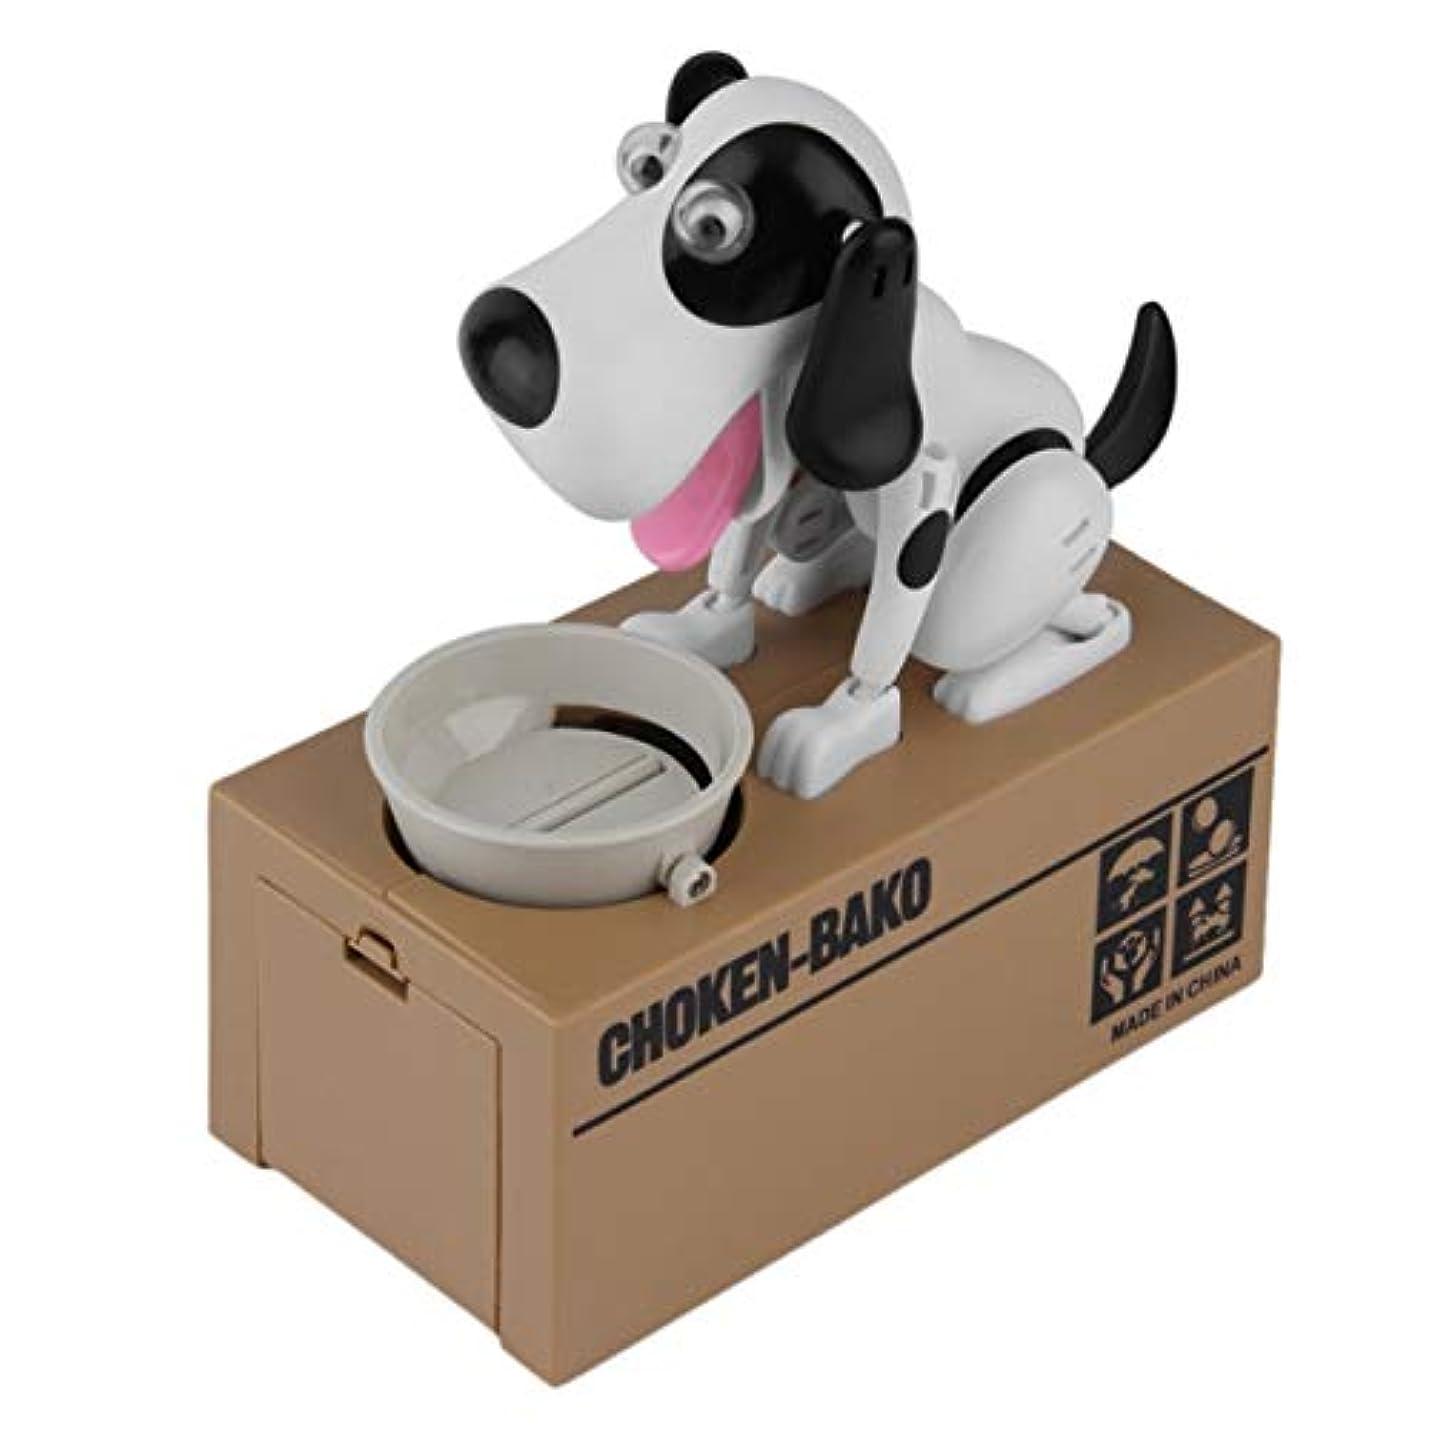 結紮精巧なそれぞれSaikogoods 耐久性に優れたロボット犬貯金箱自動コインマネーバンクかわいい犬モデルマネーバンクマネーセービングボックスコインボックスを盗みました 黒+白